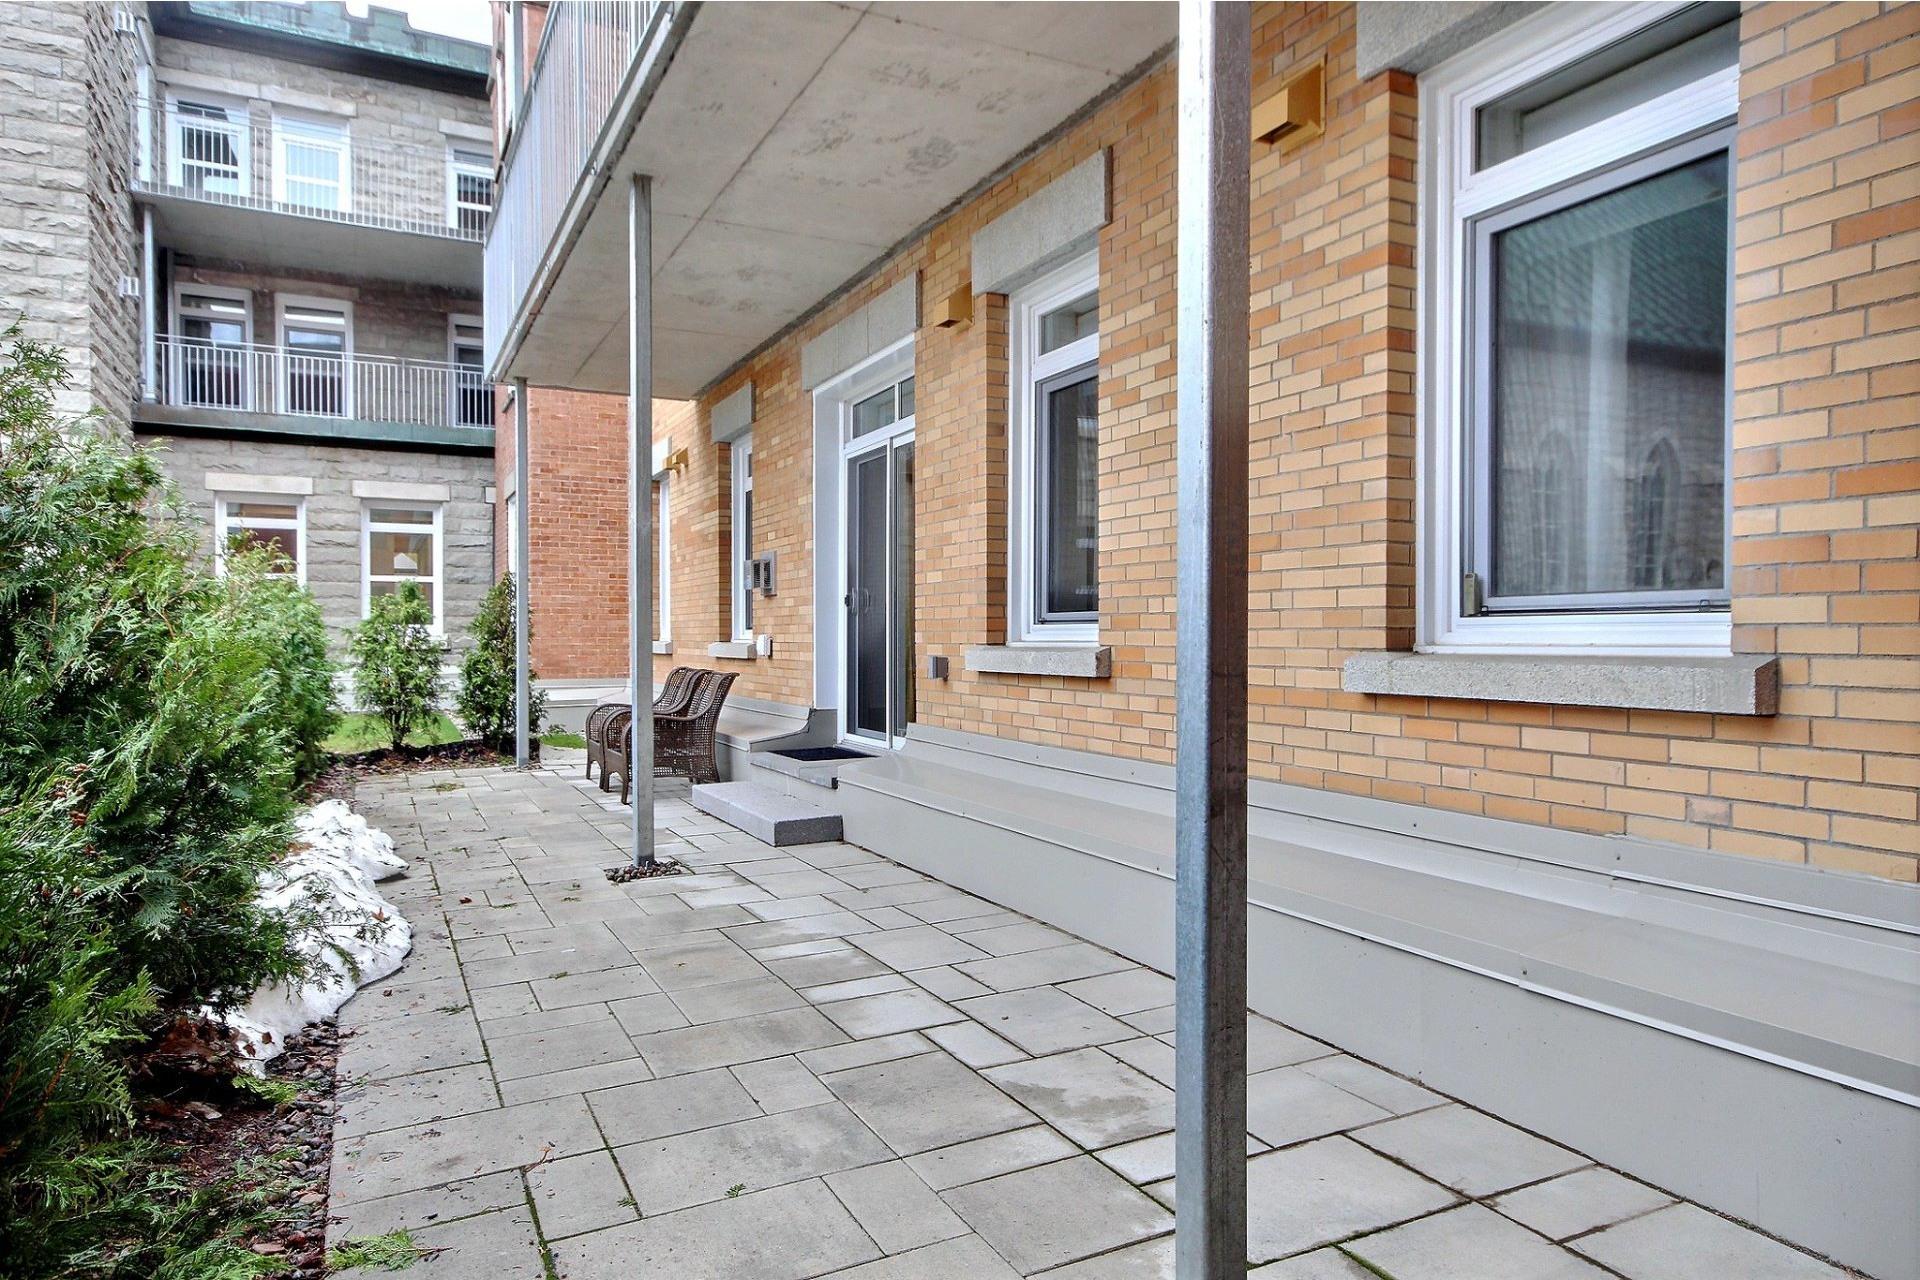 image 21 - Appartement À vendre Sainte-Foy/Sillery/Cap-Rouge Québec  - 7 pièces